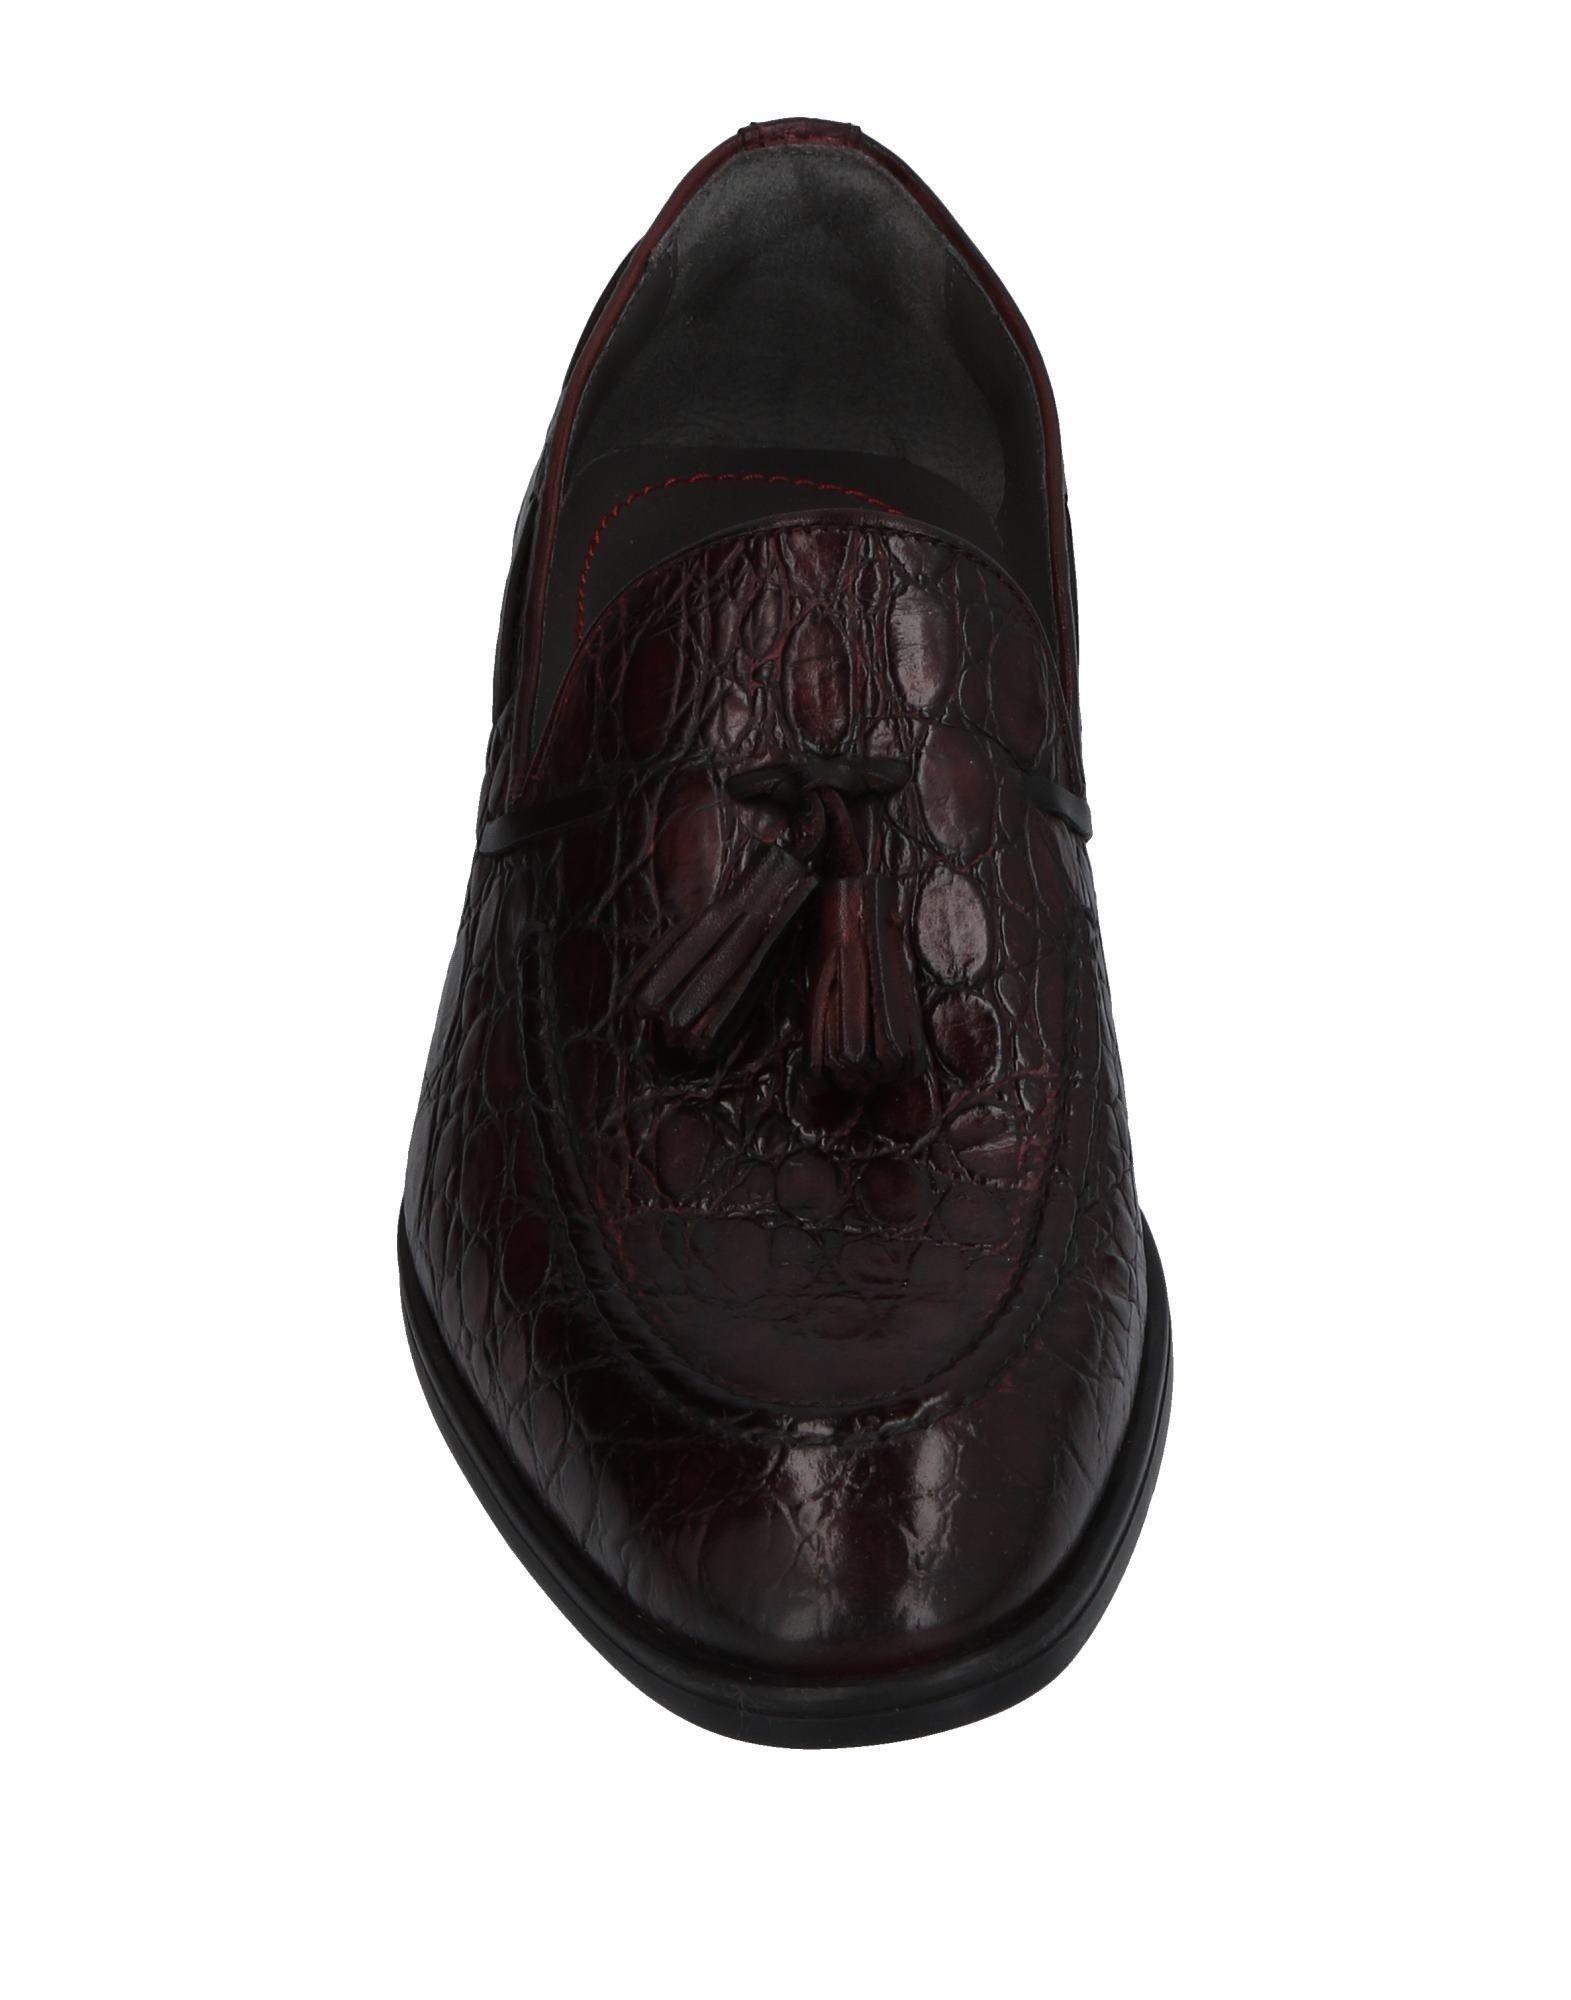 Pollini Gute Mokassins Herren  11448065TO Gute Pollini Qualität beliebte Schuhe 6a2823